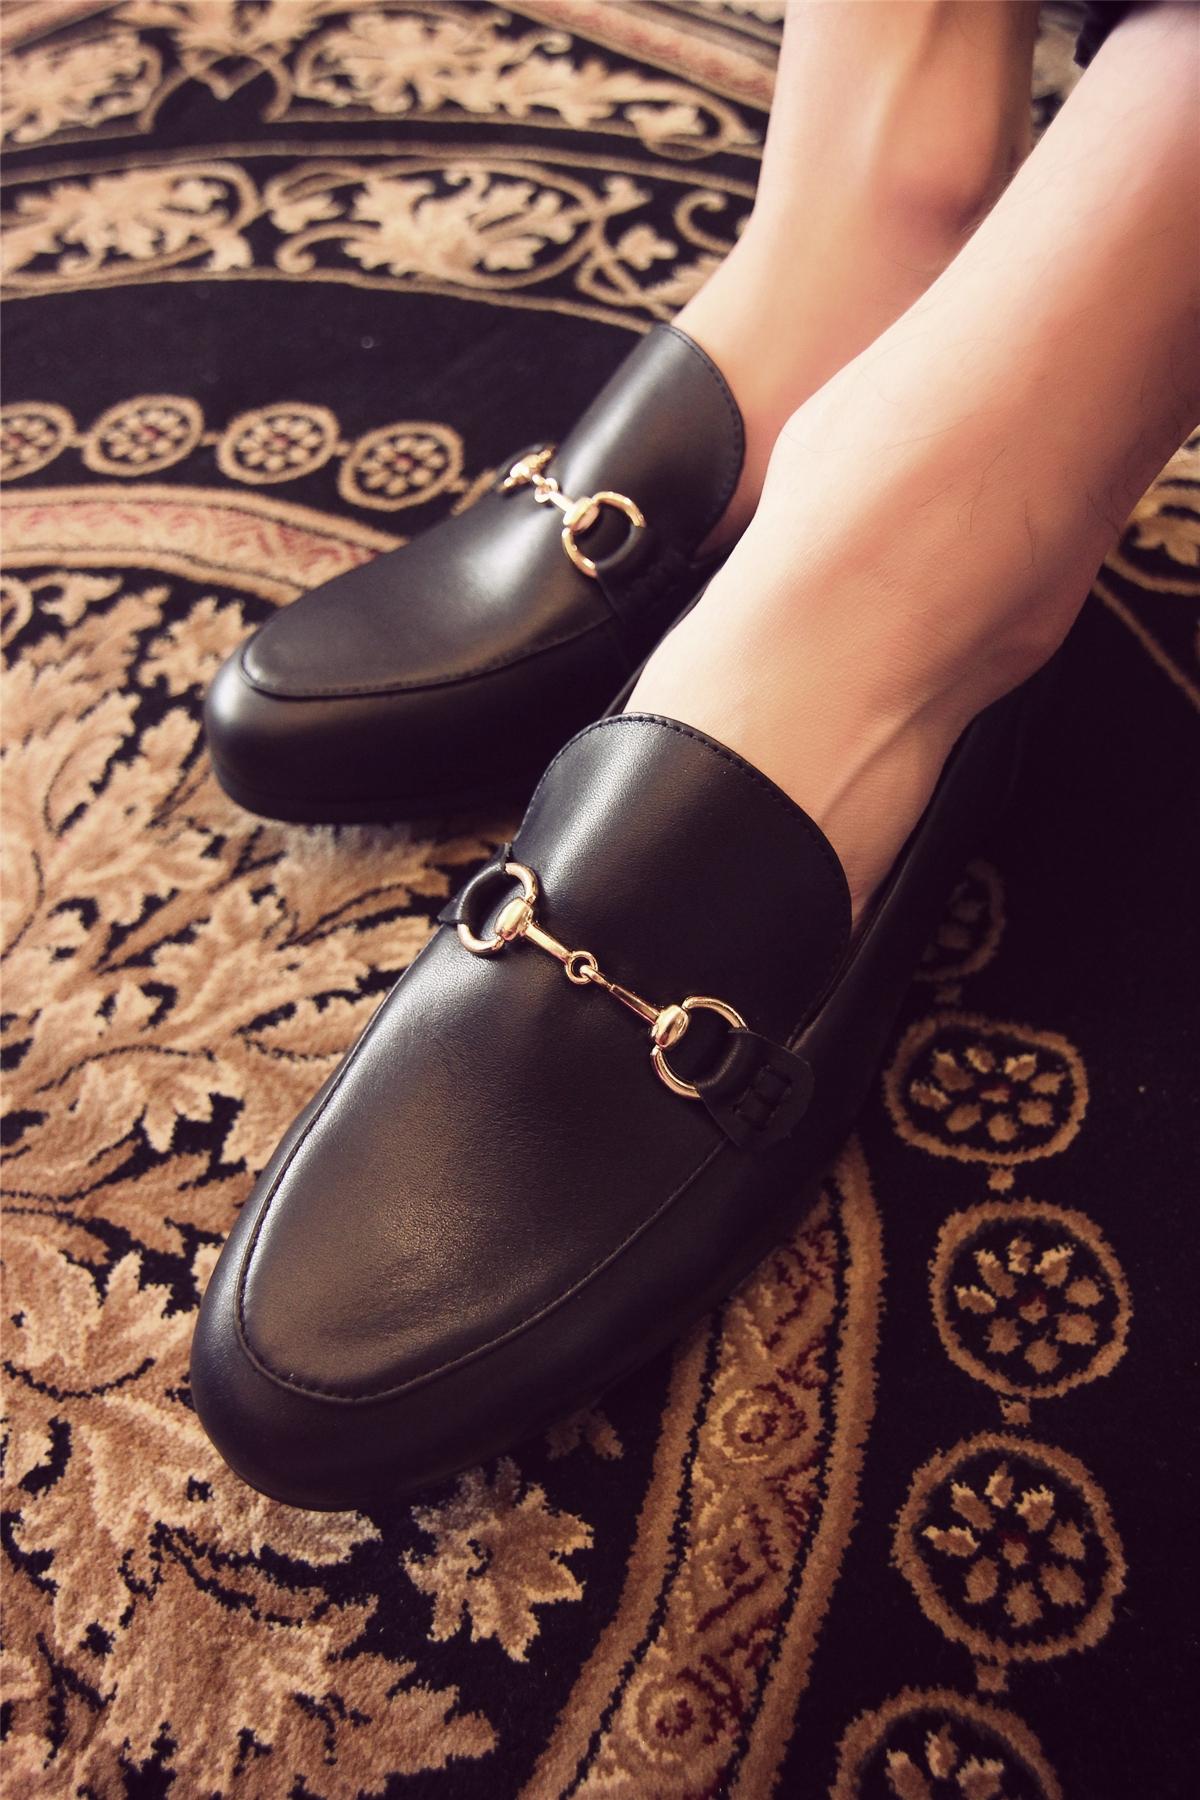 TIM呆呆秋装新款鞋子个性刺绣乐福鞋金属扣低帮男鞋简约百搭皮鞋